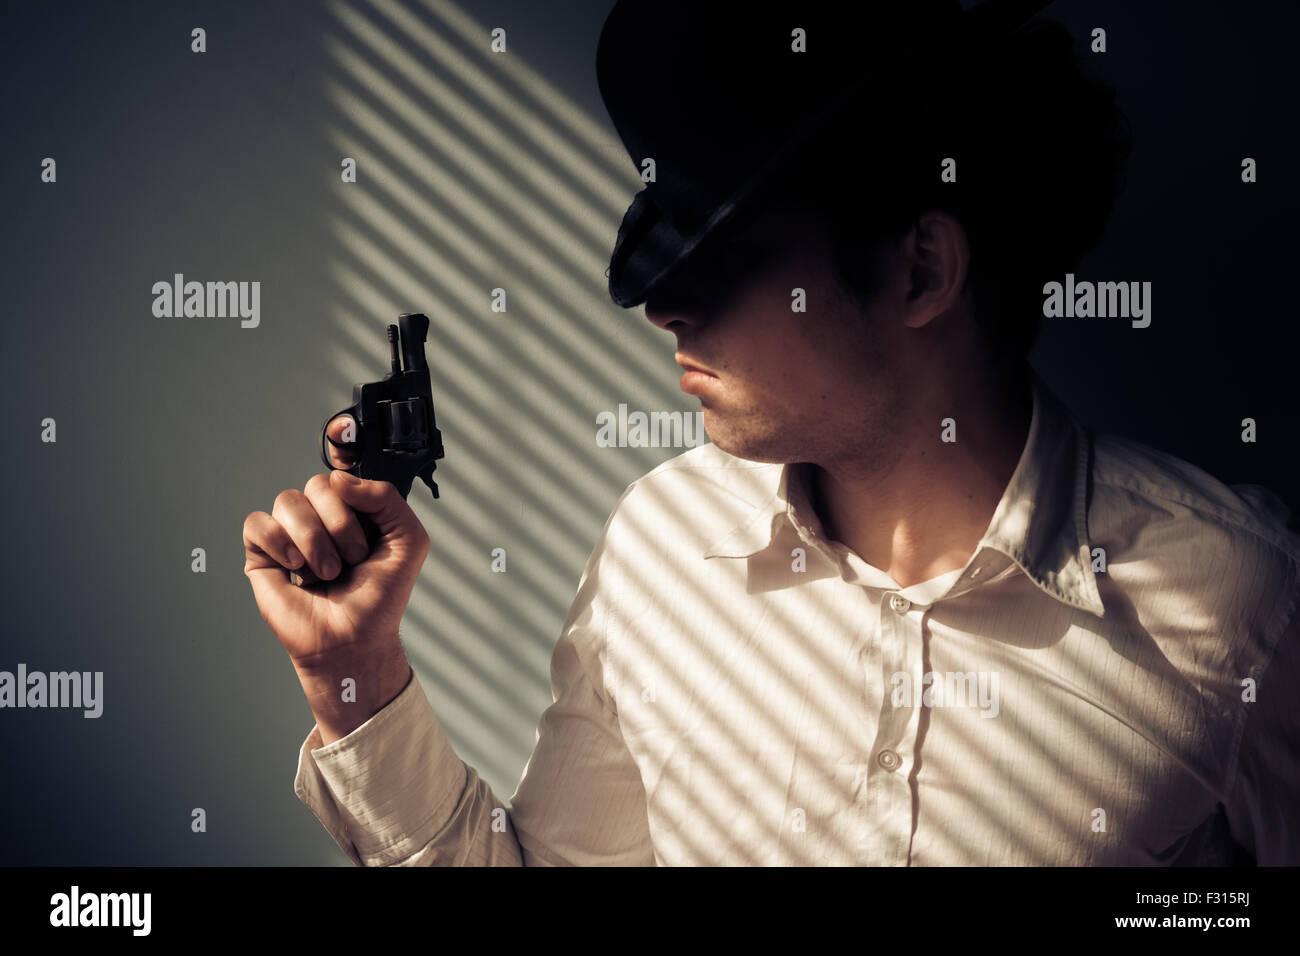 Giovane uomo con la pistola dalla finestra è coperto di ombre dalle persiane Immagini Stock